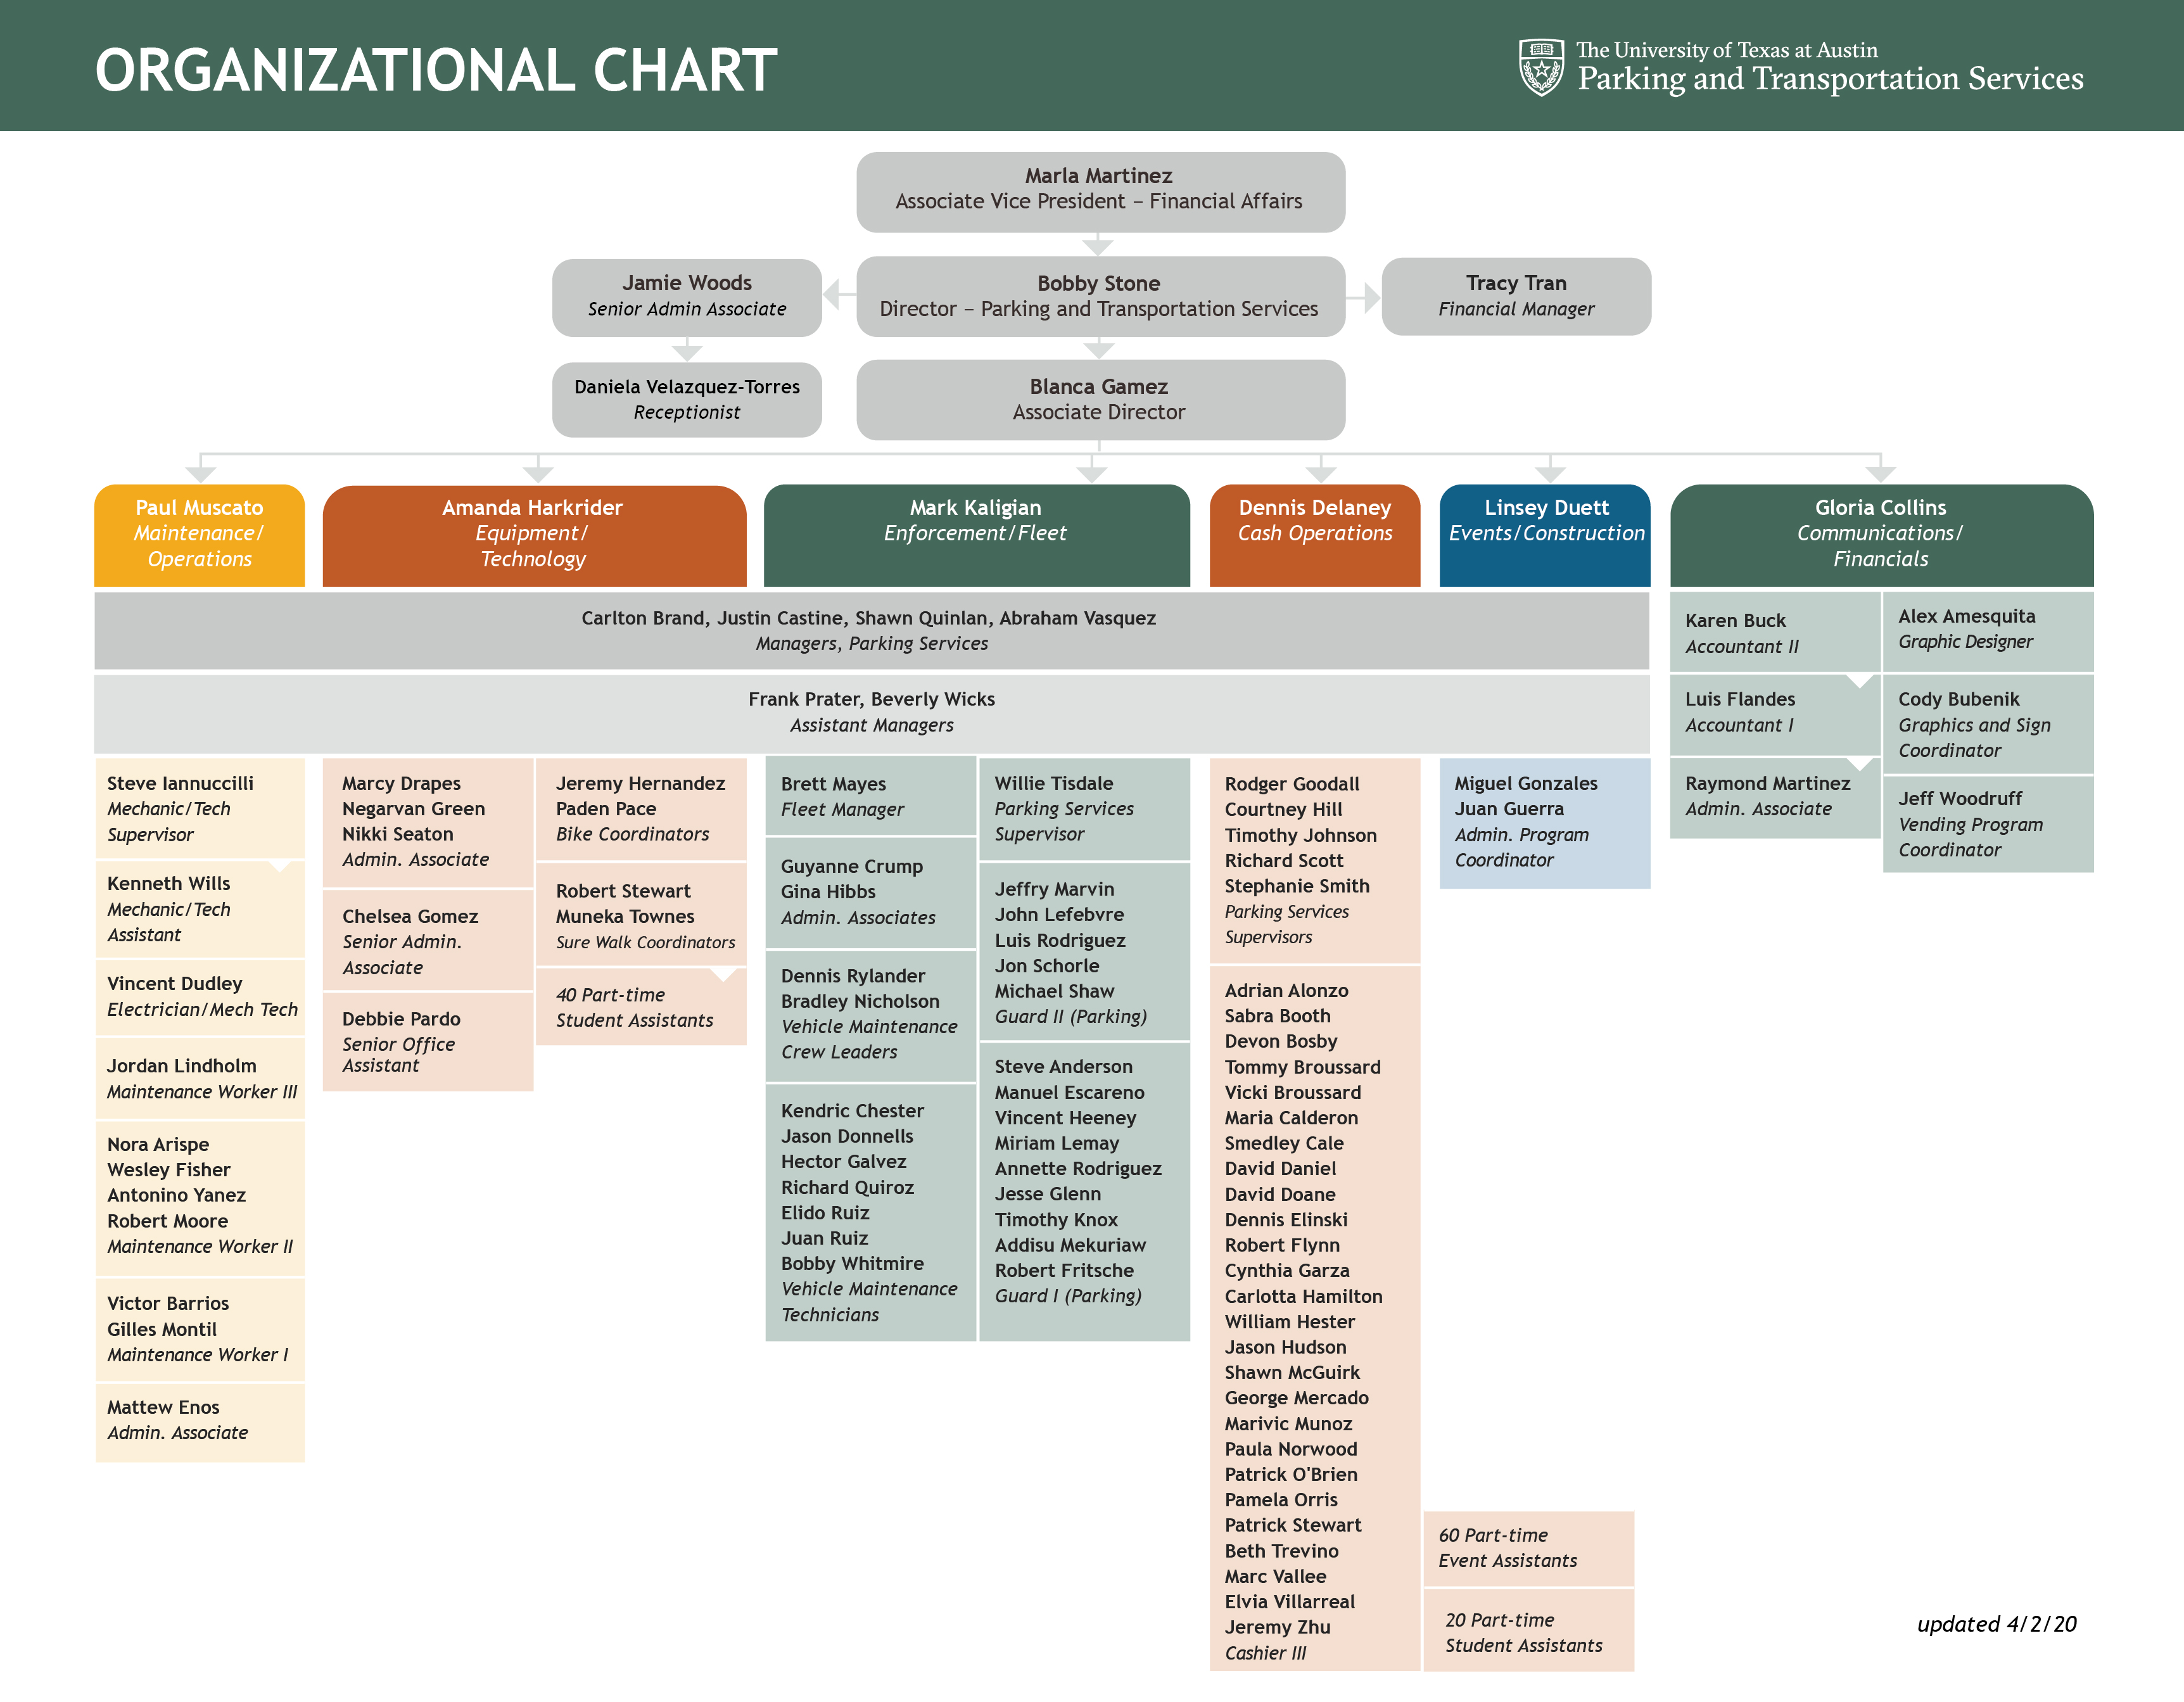 PTS organizational chart 2020